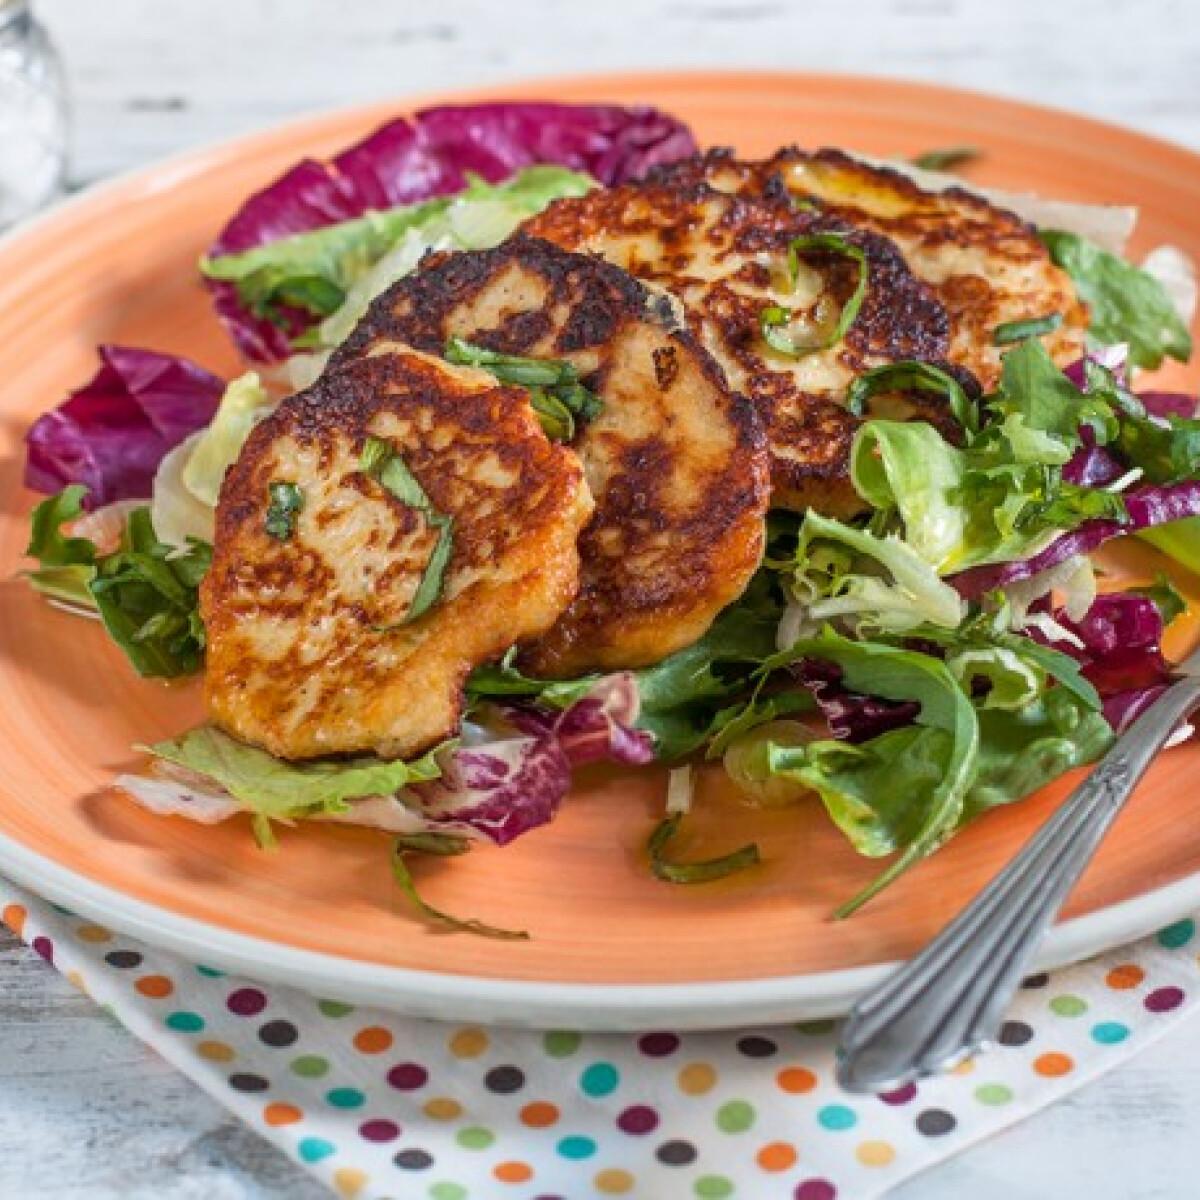 Ezen a képen: Ricotta ropogós friss salátával